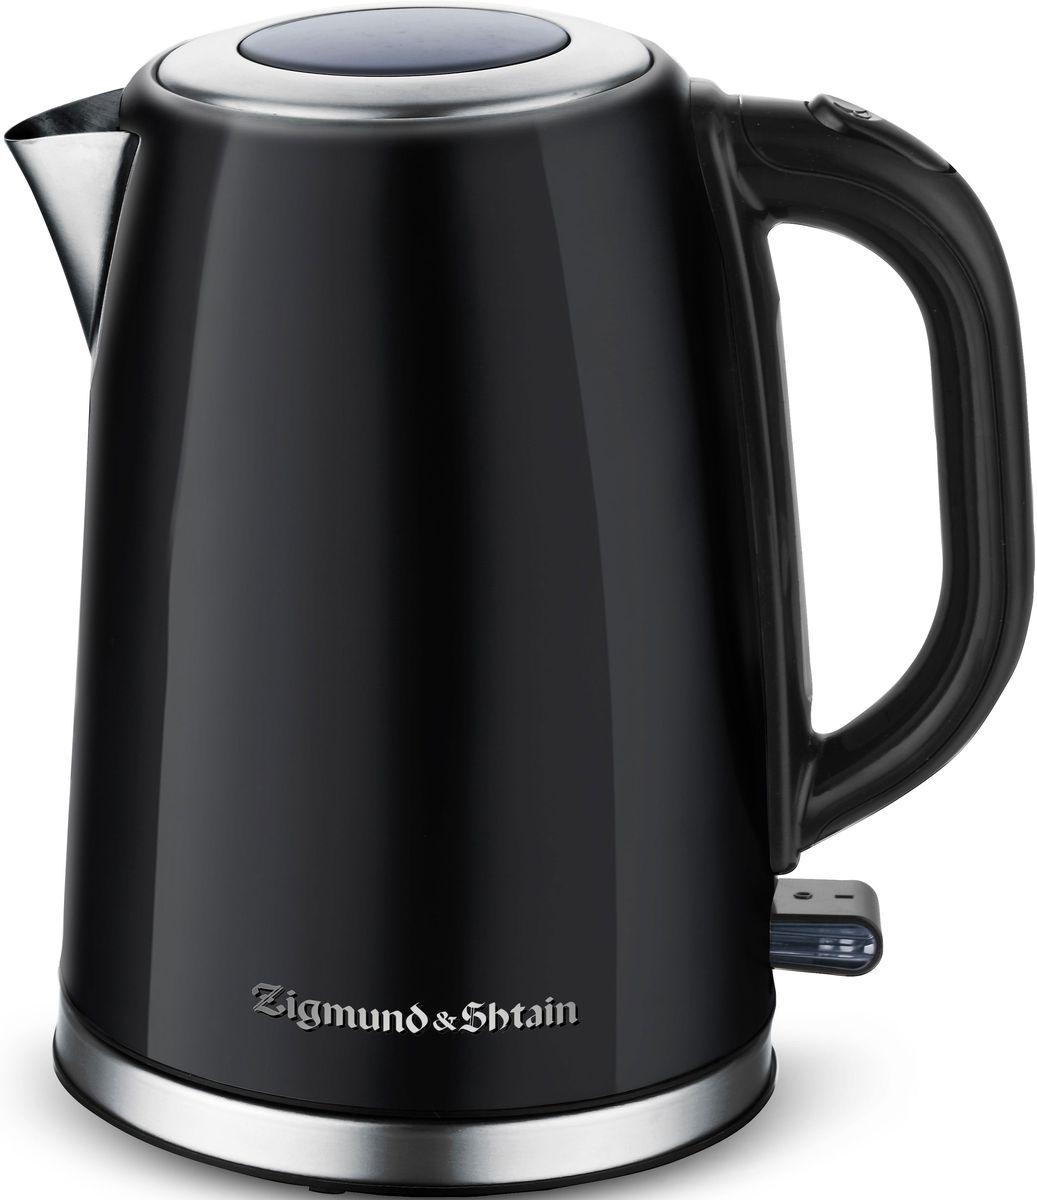 Zigmund & Shtain KE-718 электрический чайникKE-718Мощность электрического чайника составляет 2200 Вт, благодаря чему вода достаточно быстро вскипает. Корпус изготовлен из нержавеющей стали, которая известна прочностью и долгим сроком эксплуатации.Для комфортного использования чайник оснащен удобной ручкой, а также специальным механизмом плавного поднятия крышки Soft-Lift.Наслаждайтесь любимыми горячими напитками вместе с Zigmund & Shtain KE-718!